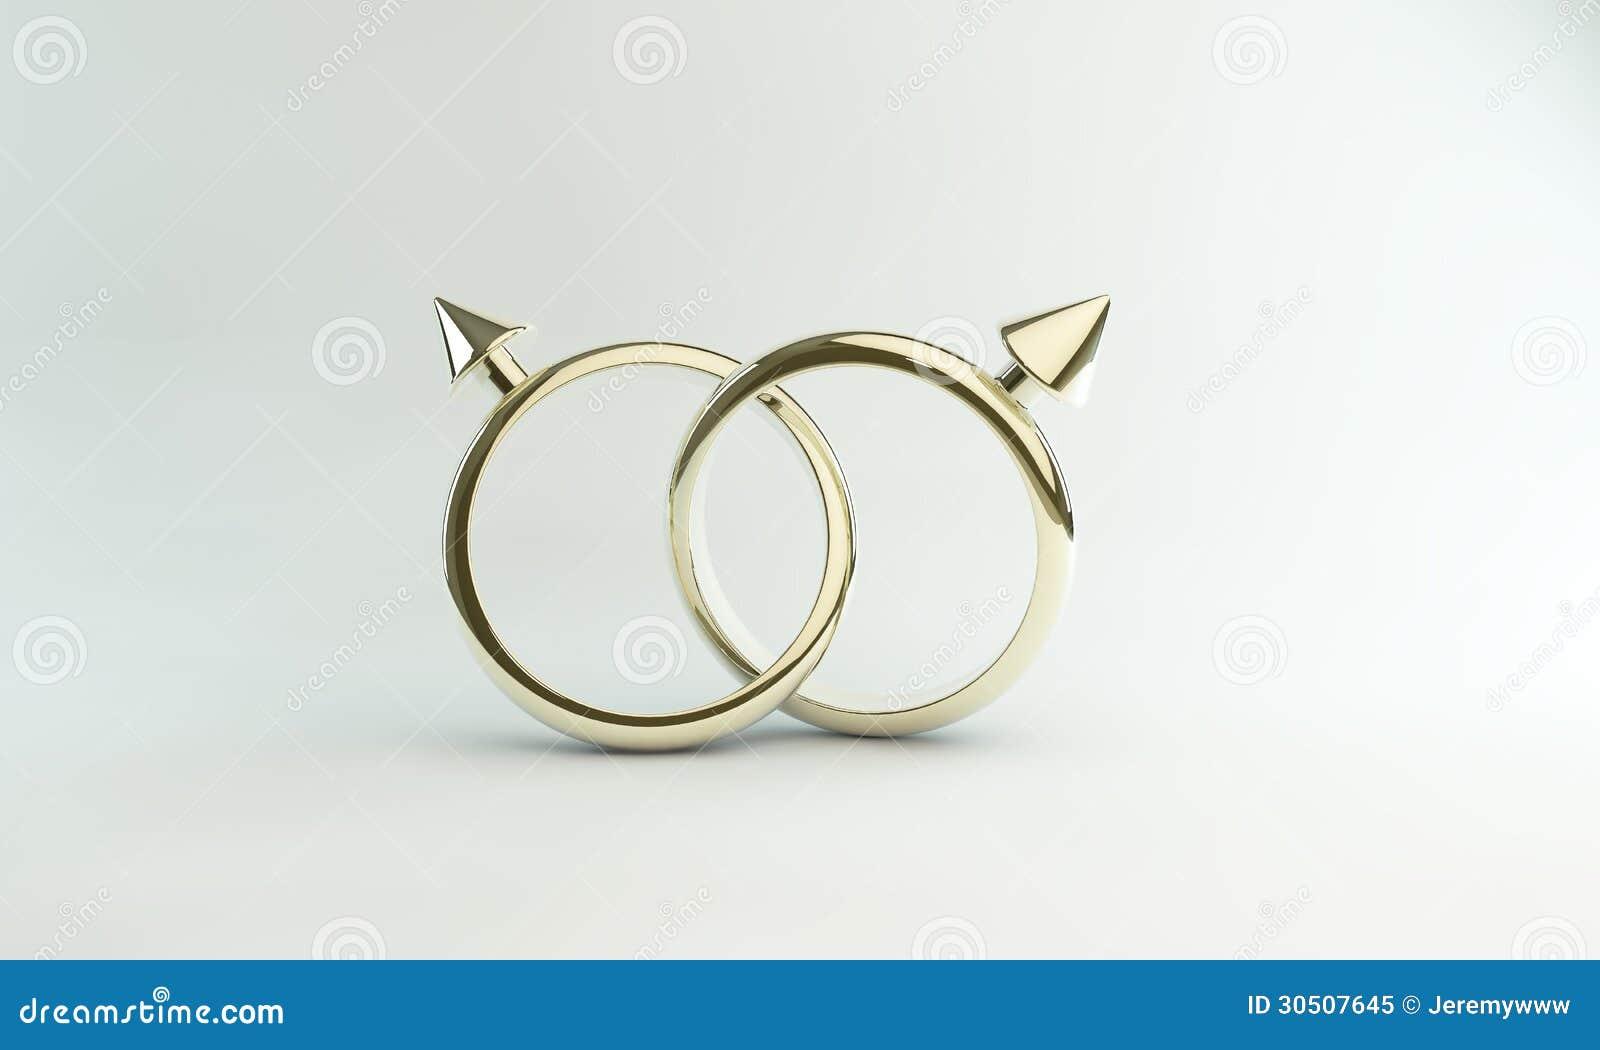 Apologise, but, Casamento entre homossexuais